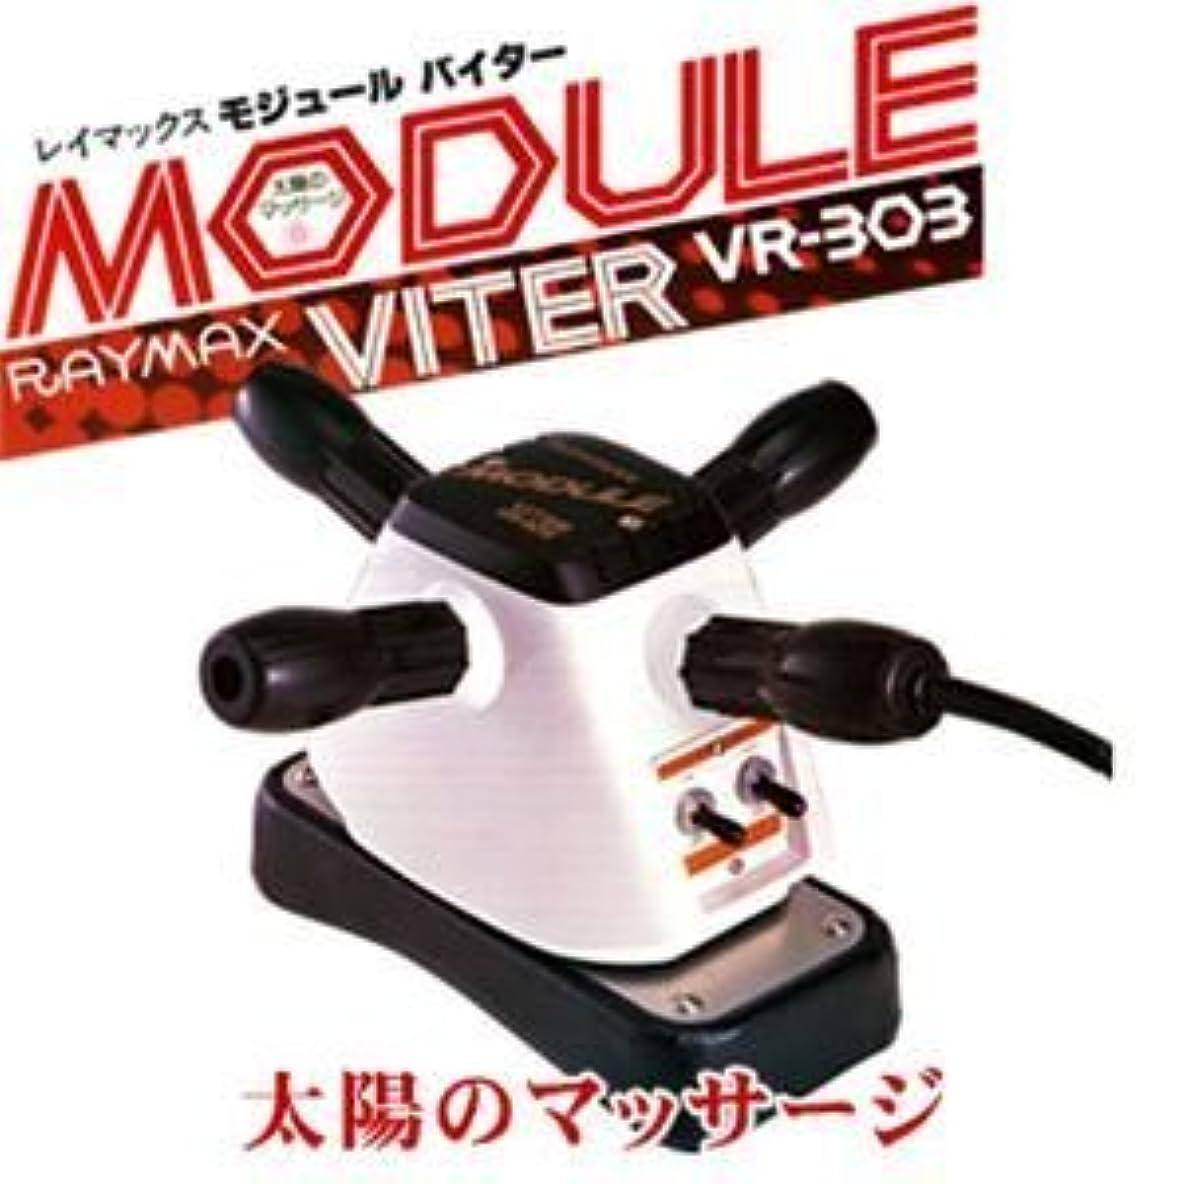 ステーキ鎮痛剤担保RAYMAX(レイマックス) モジュールバイター VR-303